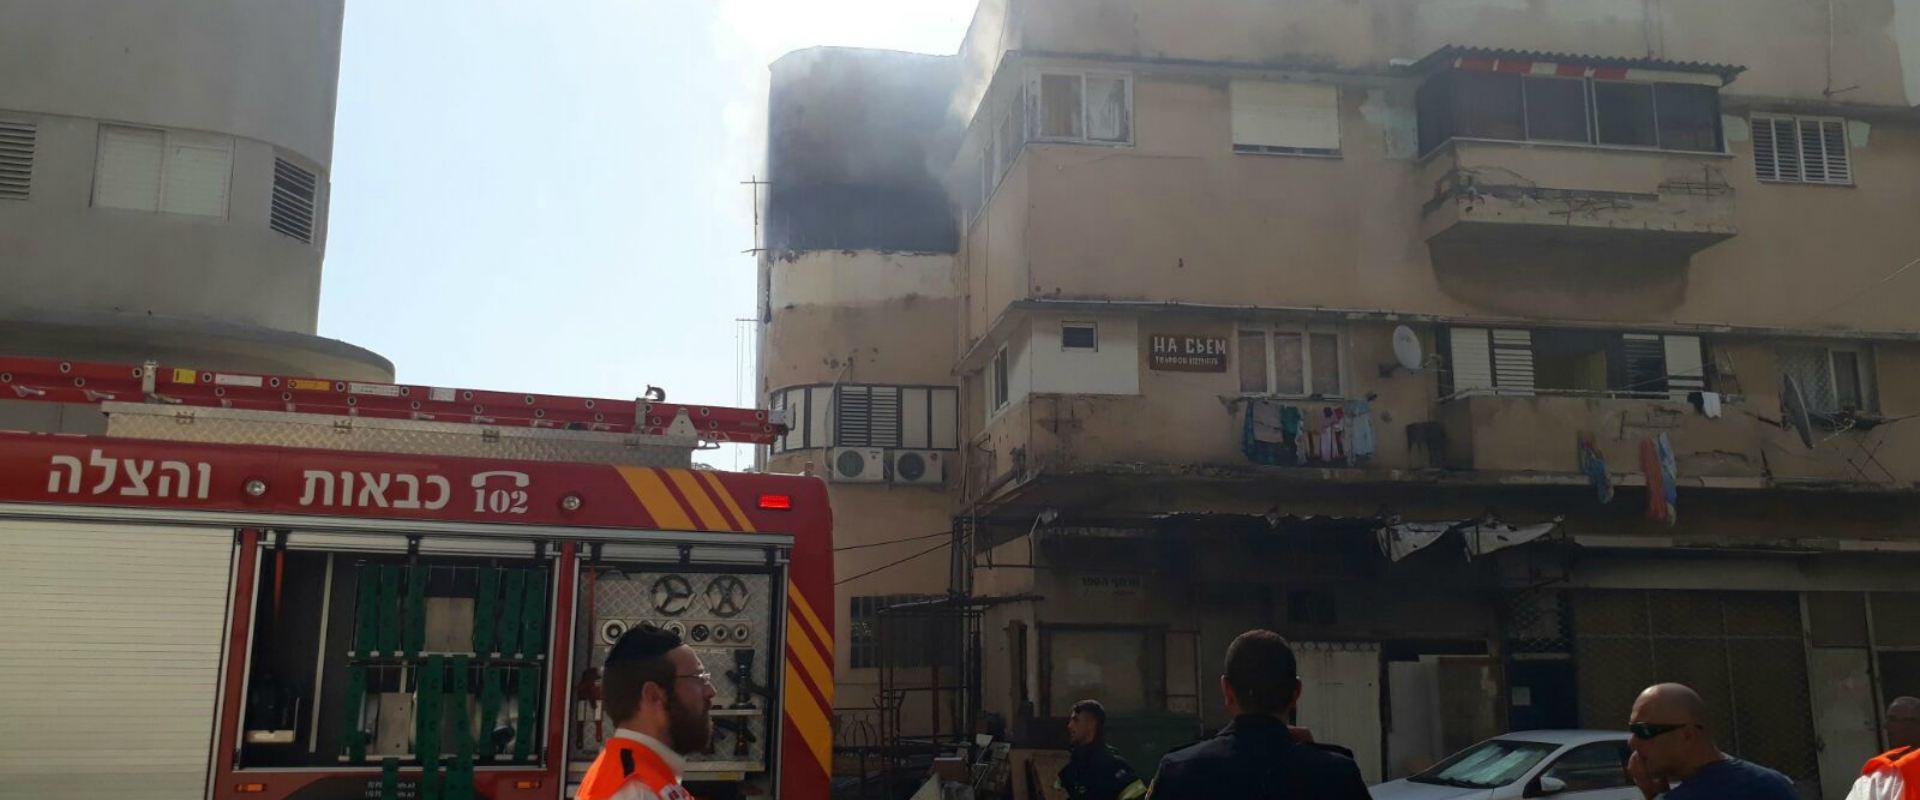 זירת הרצח בחיפה